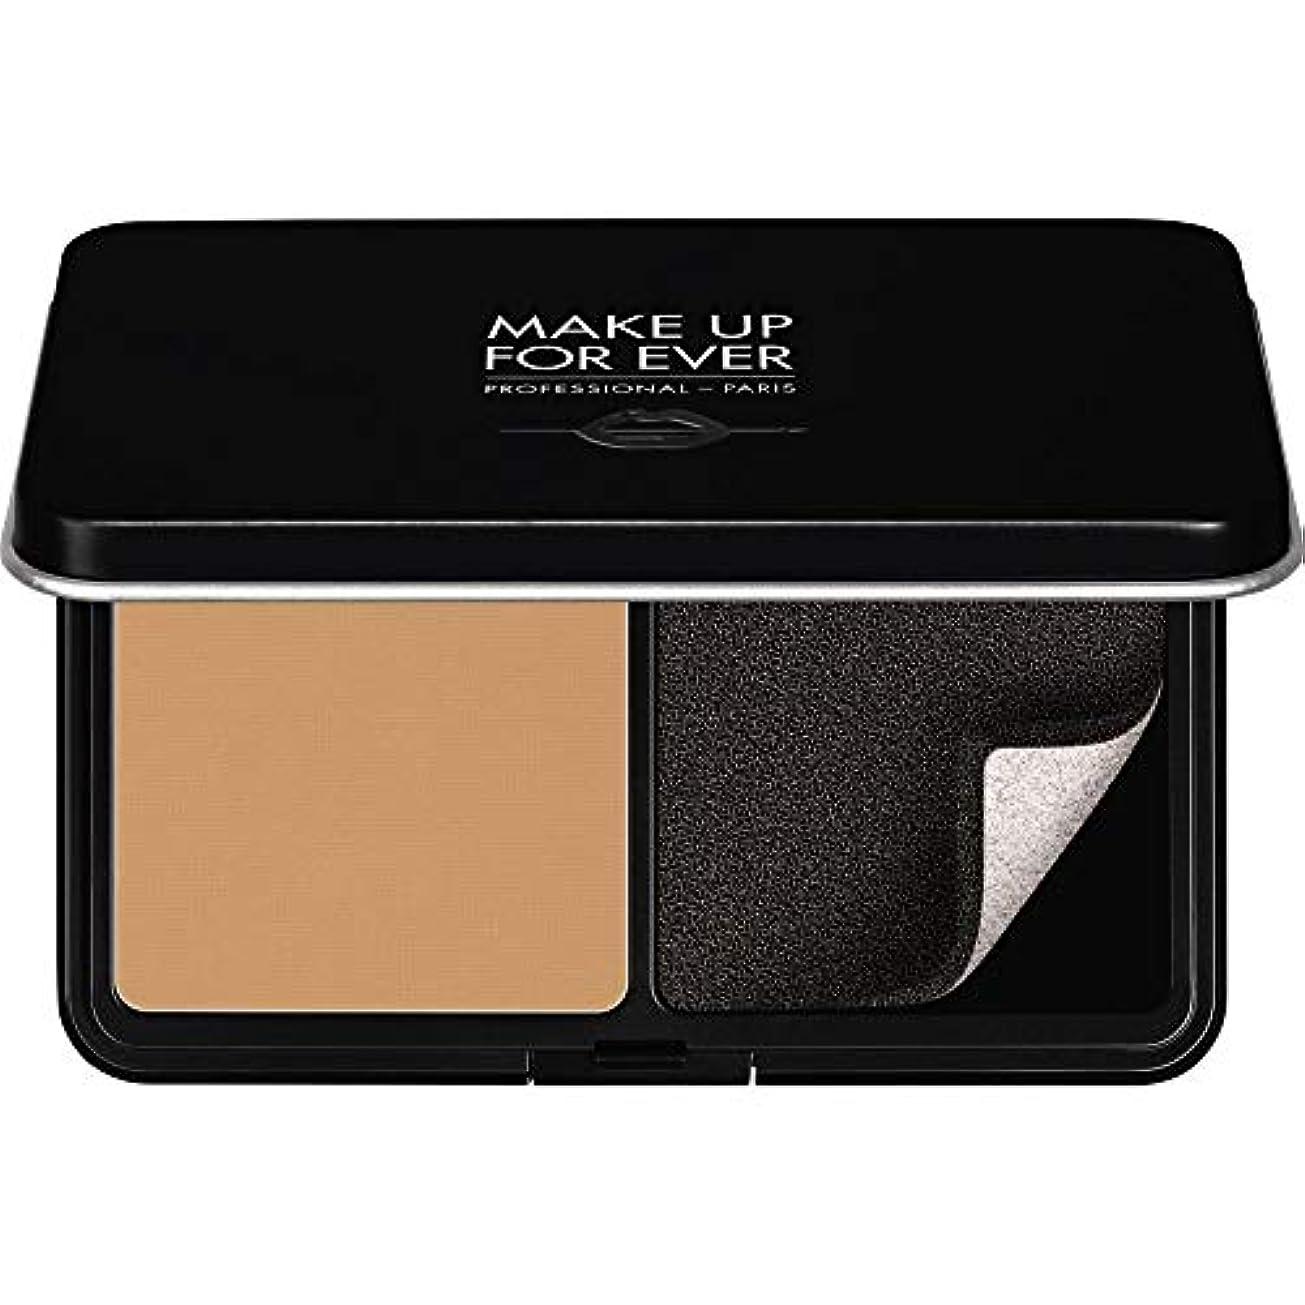 郵便番号デュアル征服者[MAKE UP FOR EVER ] パウダーファンデーション11GののY365をぼかし、これまでマットベルベットの肌を補う - 砂漠 - MAKE UP FOR EVER Matte Velvet Skin Blurring...